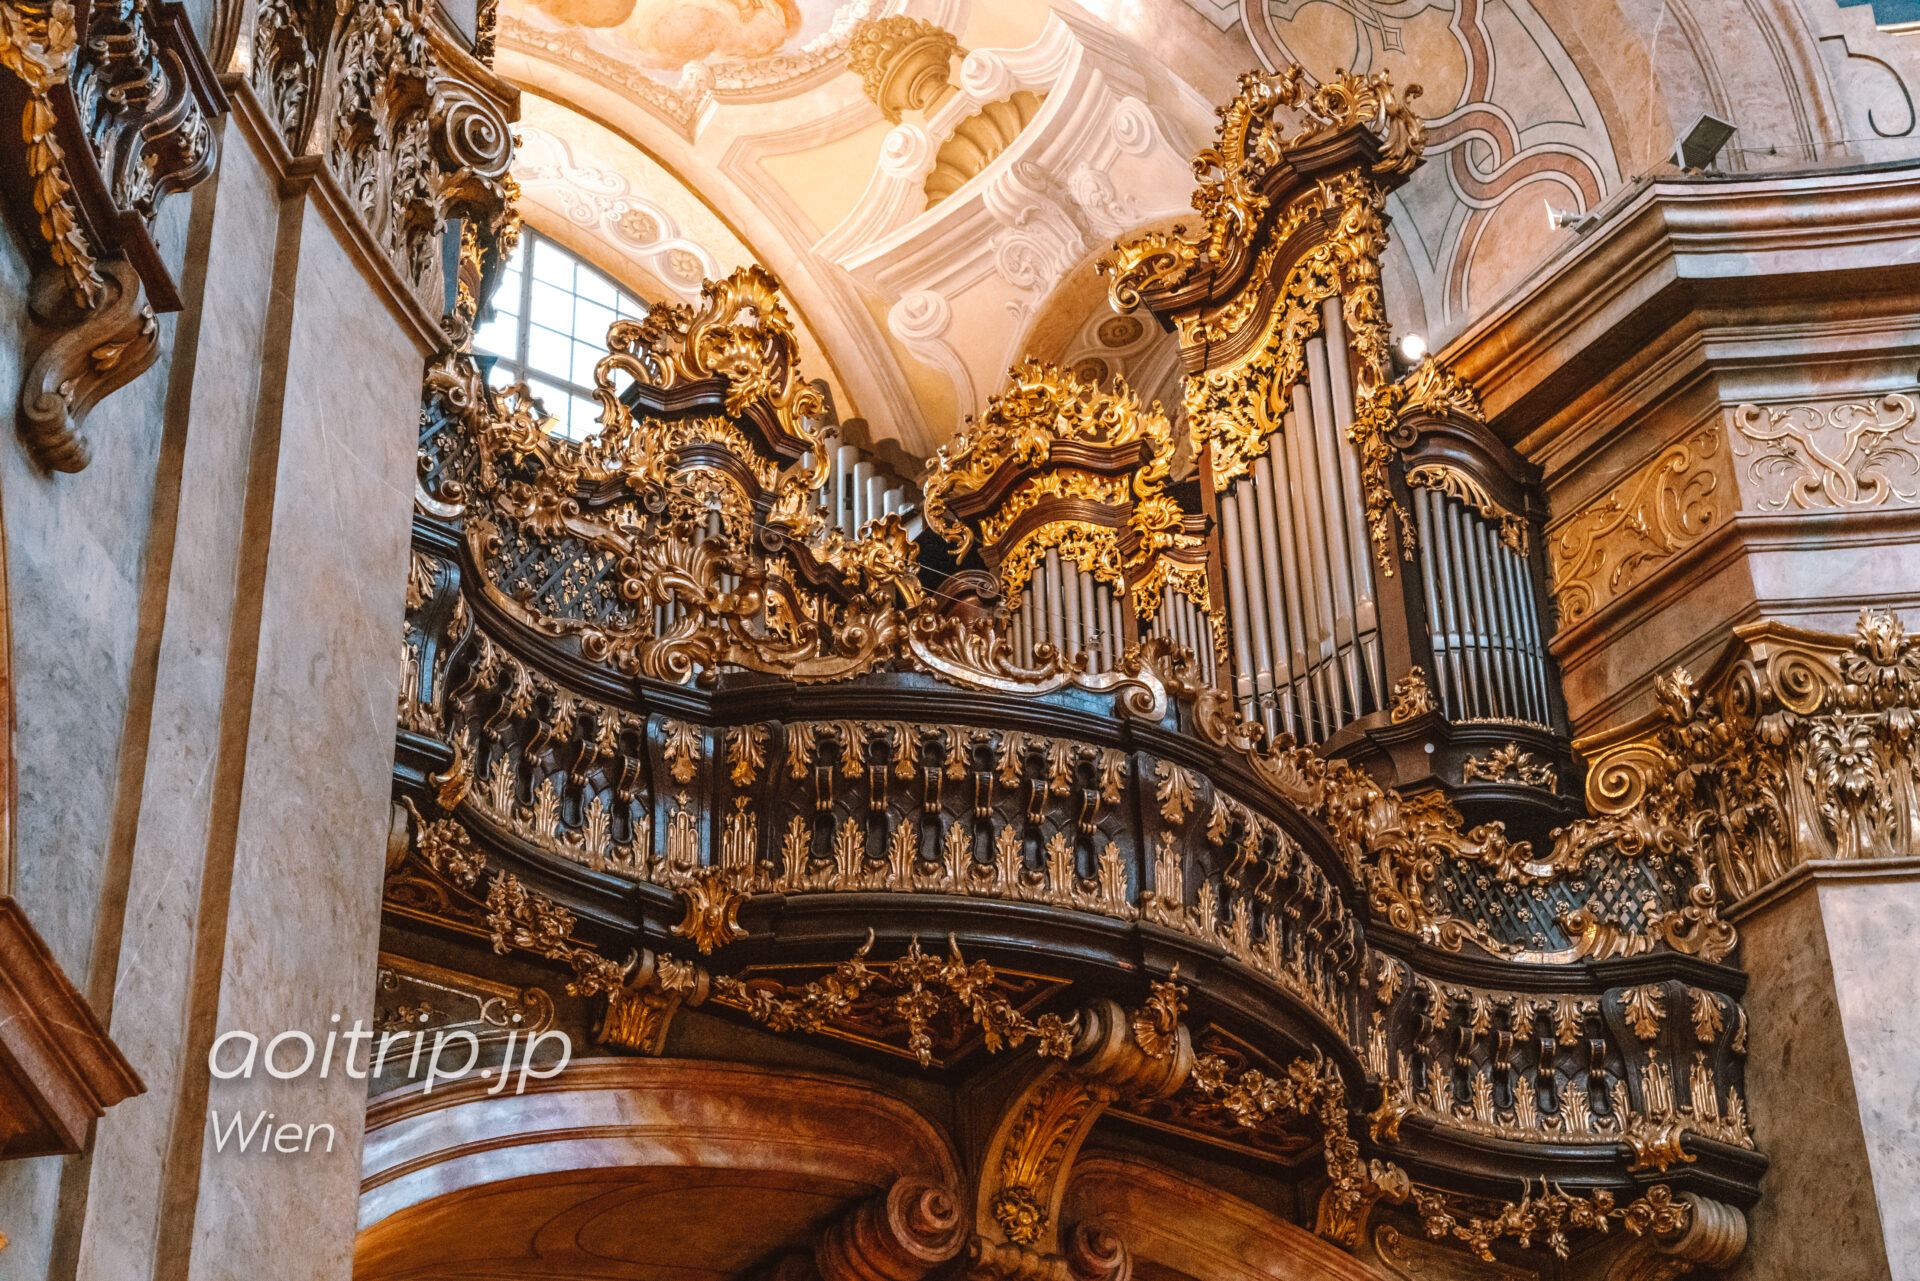 ウィーン 聖ペーター教会のパイプオルガン